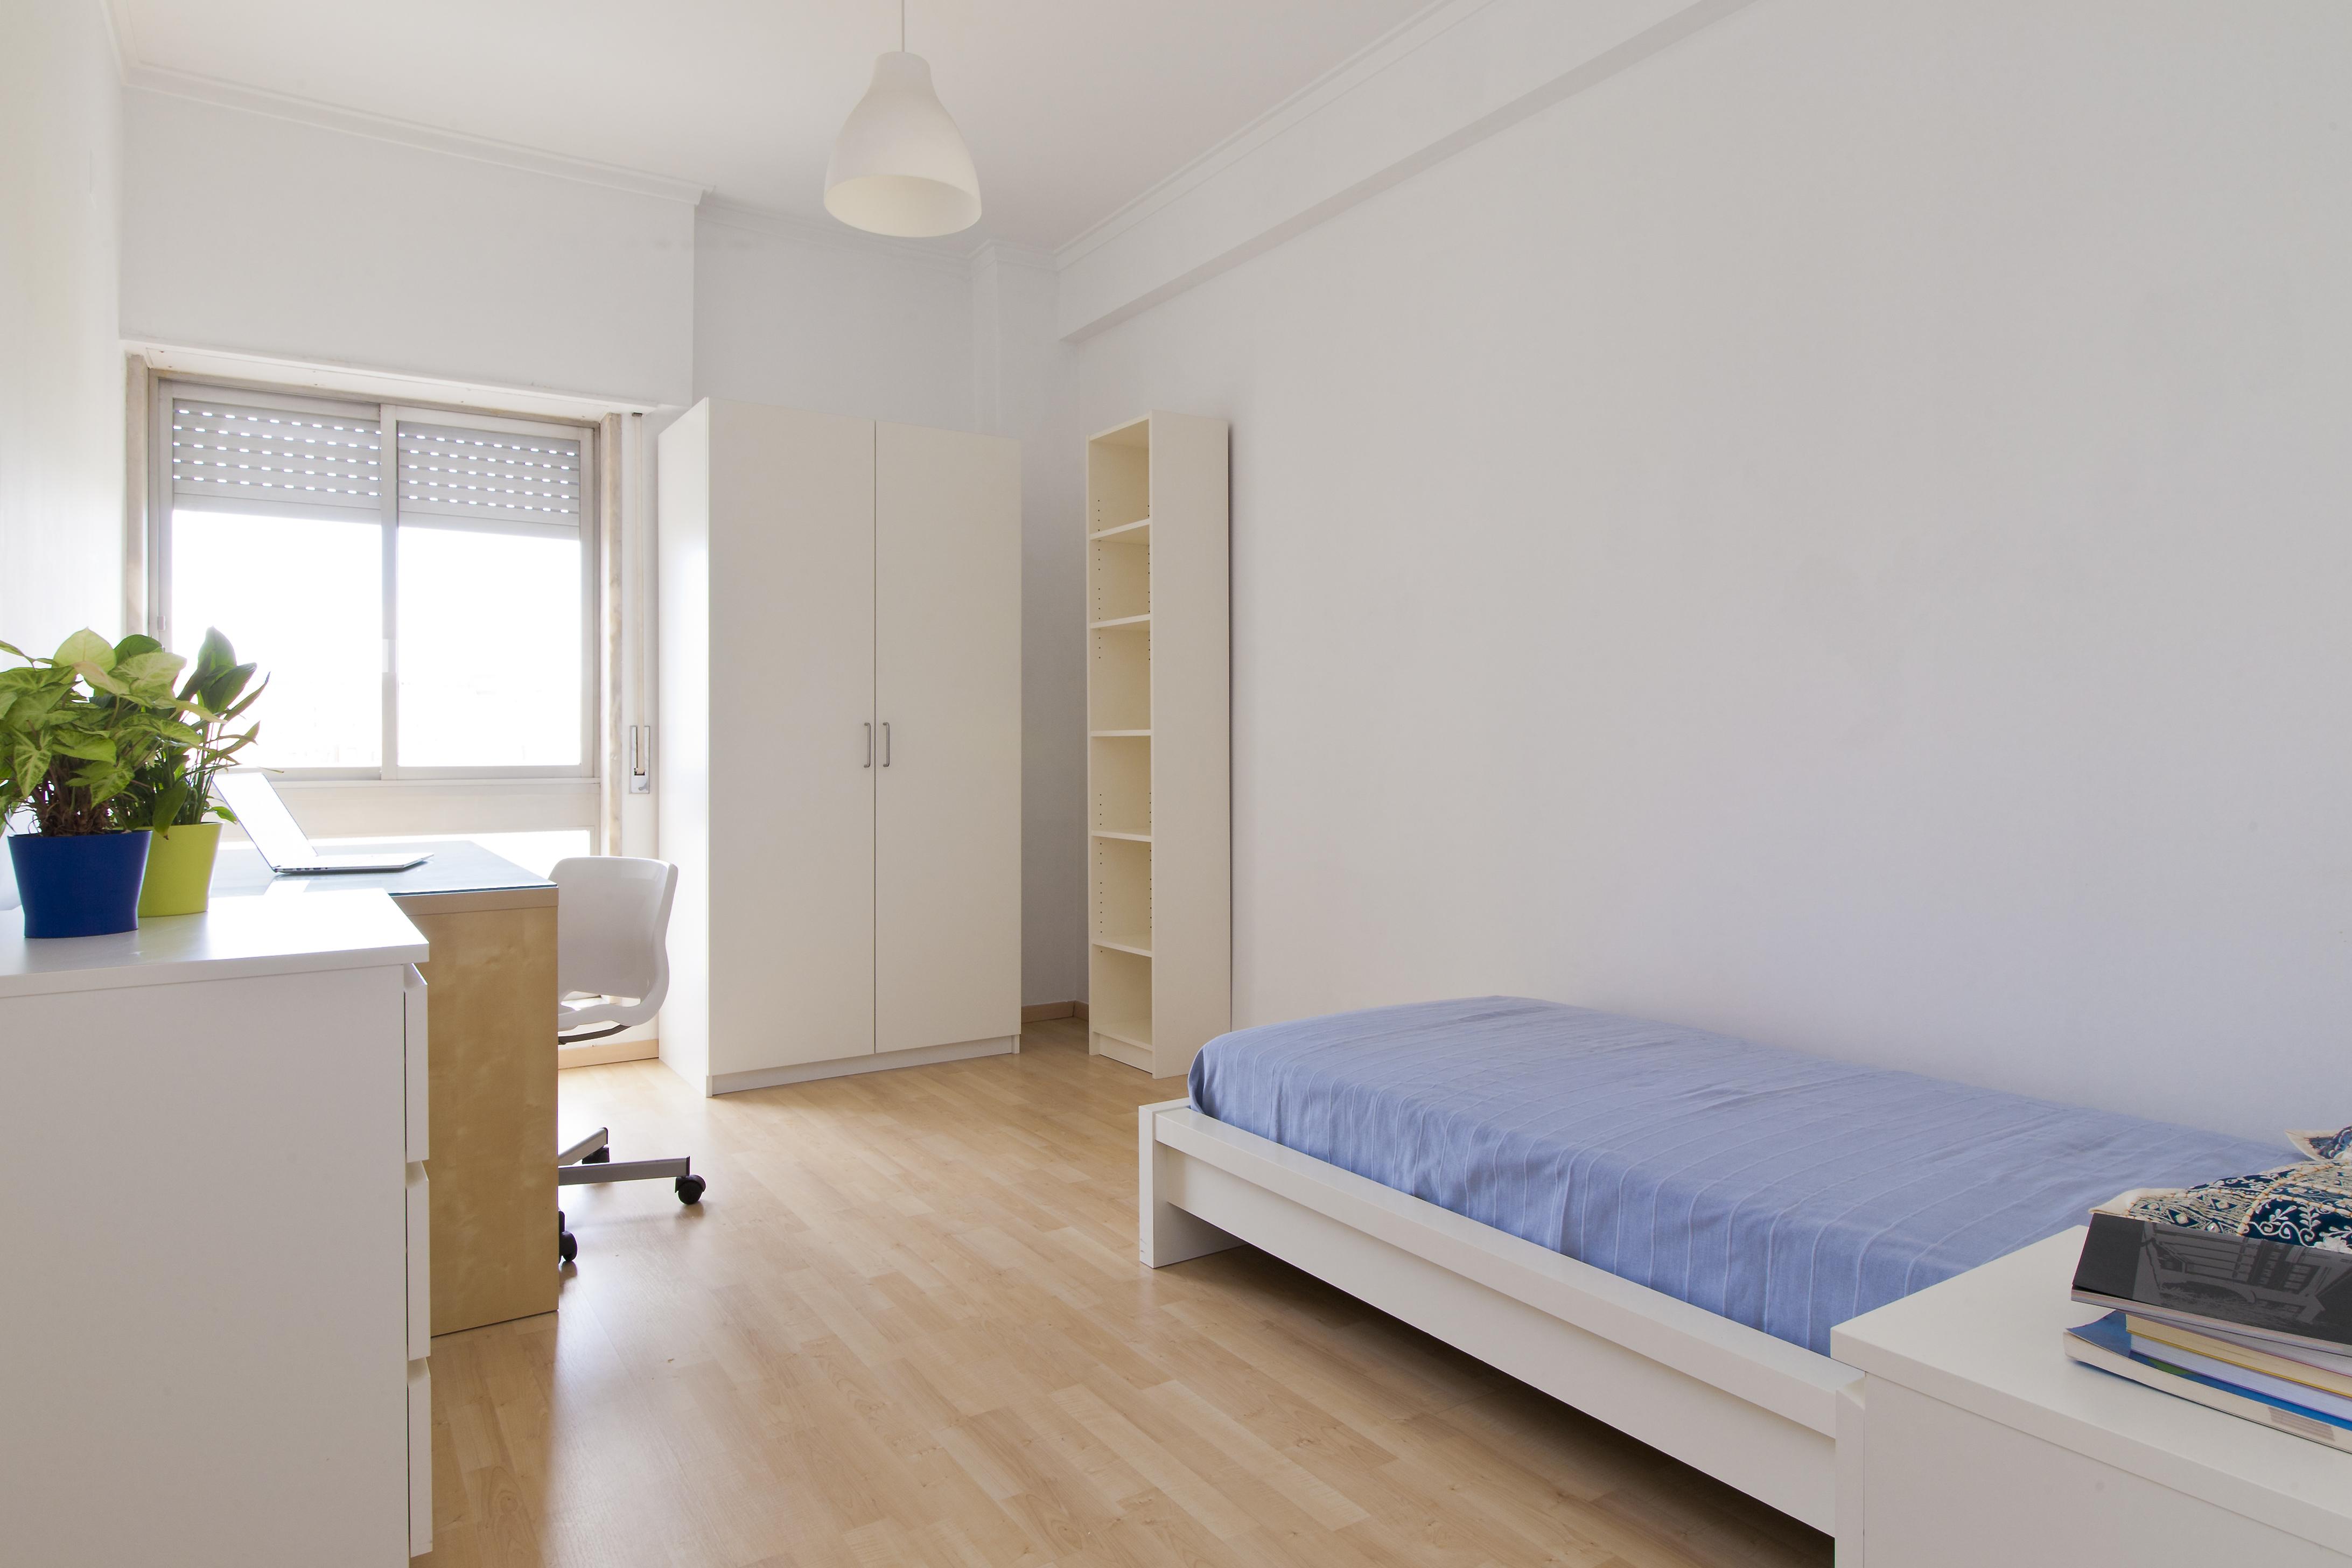 AE_-_Quarto.Room_nº3_-_Foto_2.jpg